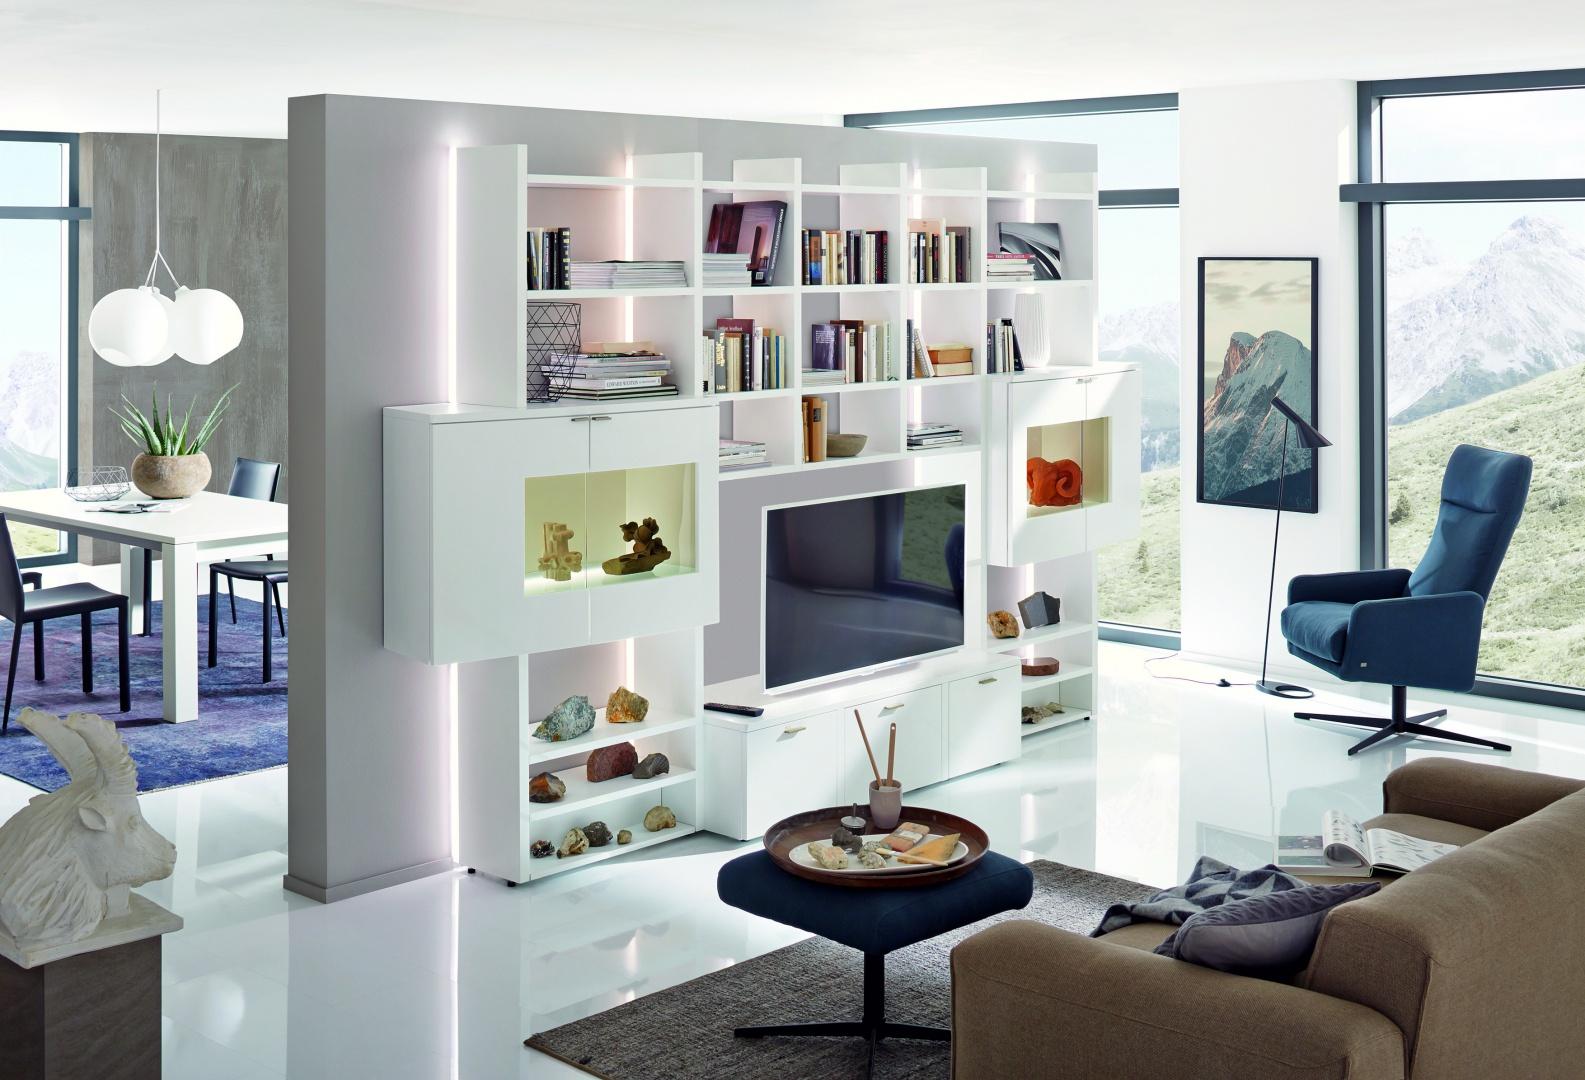 Efektownie podświetlona meblościanka jest przede wszystkich domową biblioteczką. Tutaj jest strefa rozrywki - dla miłośników książek, jak i telemaniaków. Fot. Huelsta